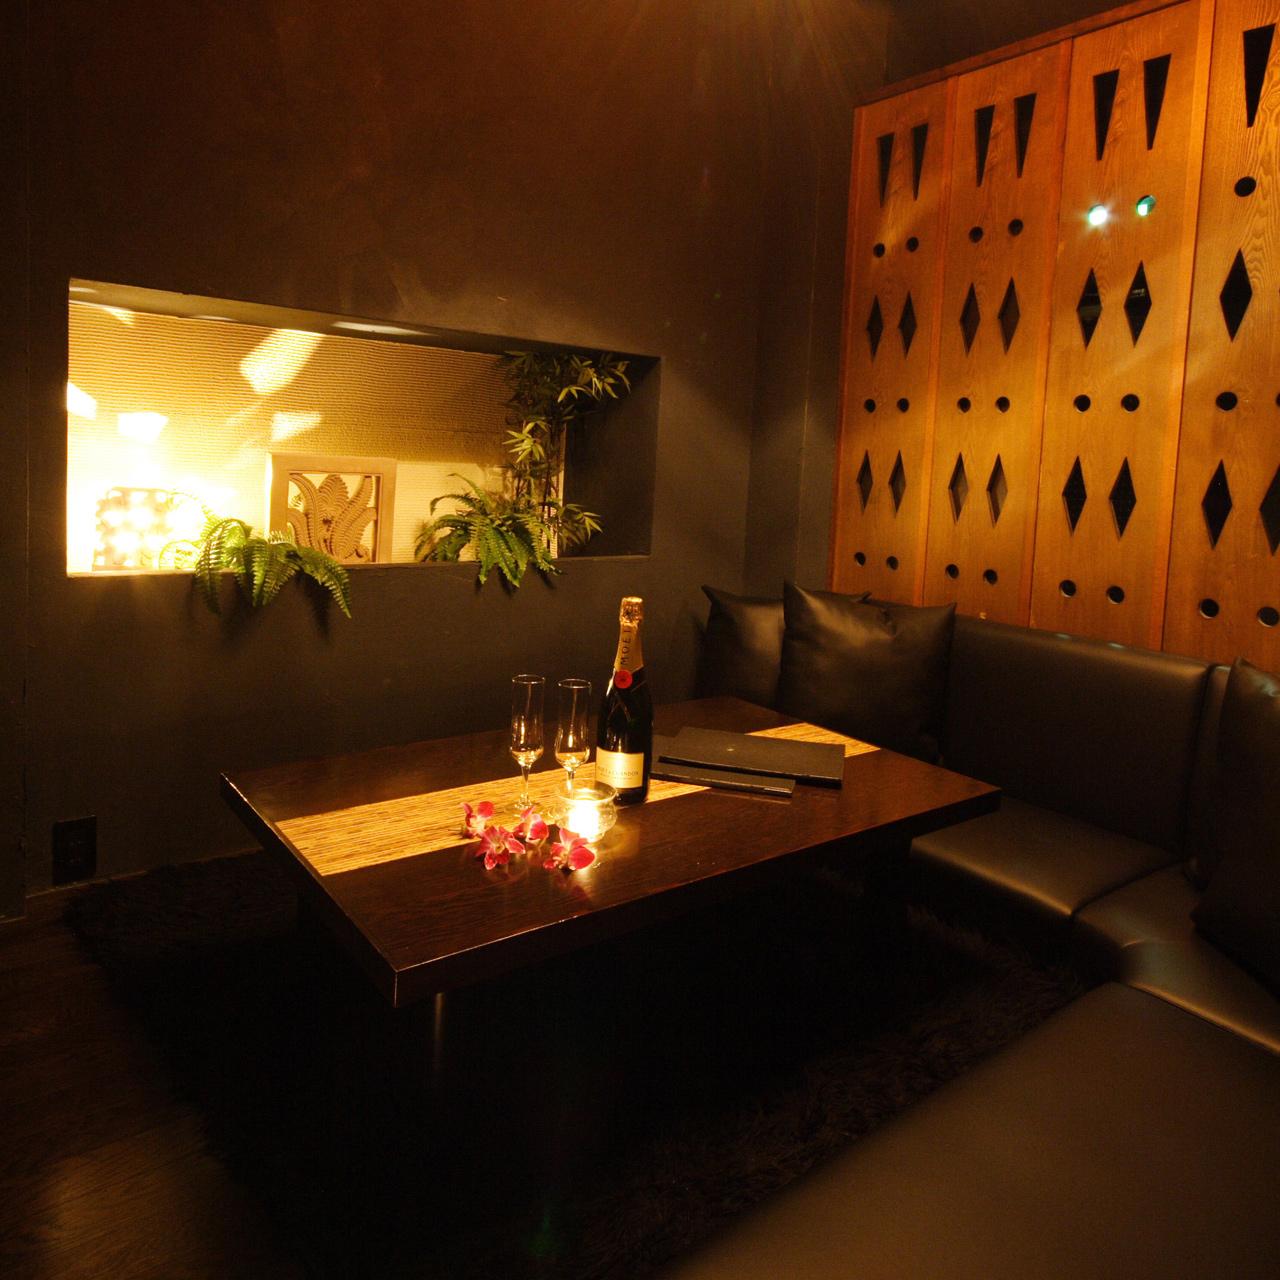 床上タイプの寛げるスペースで、エキゾチックな雰囲気がカップルに人気の個室です。